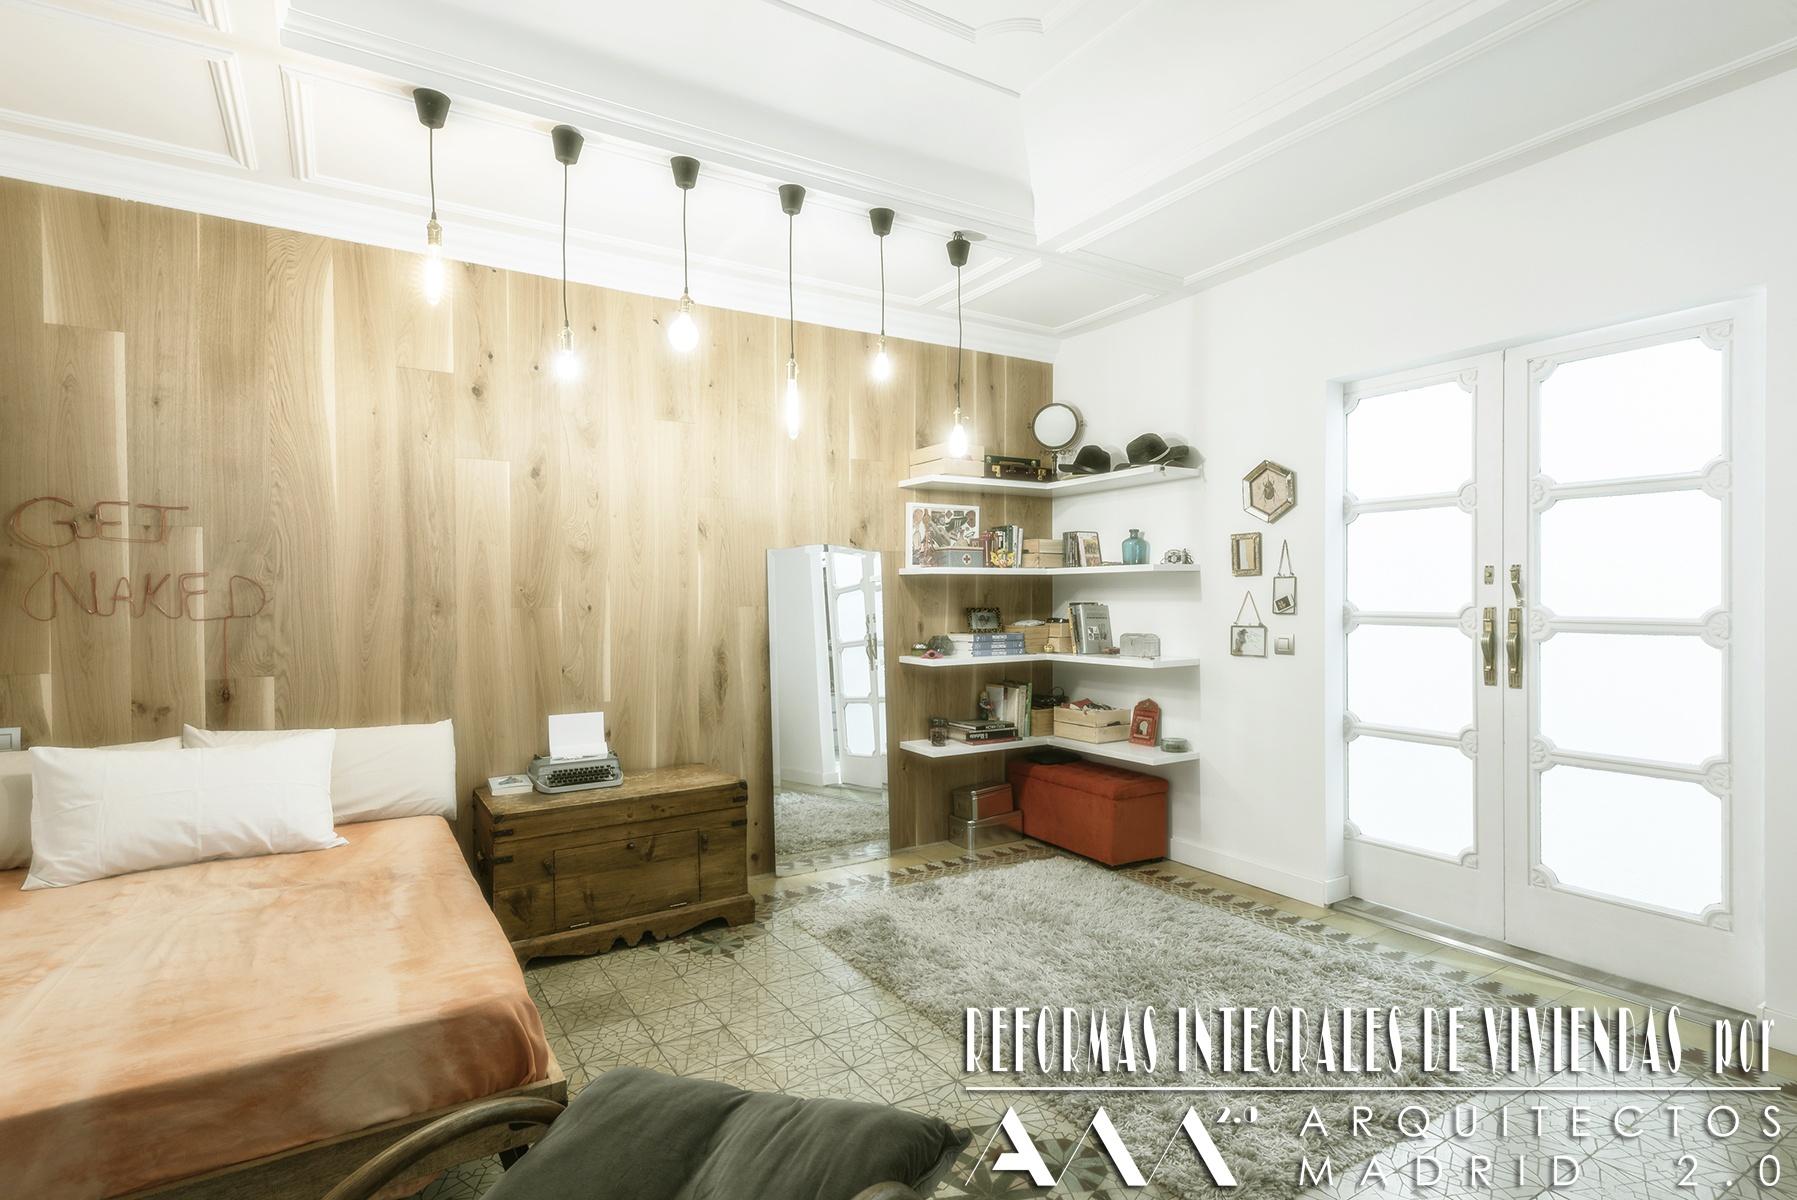 reformas-viviendas-proyectos-casas-pisos-apartamentos-arquitectos-madrid-12